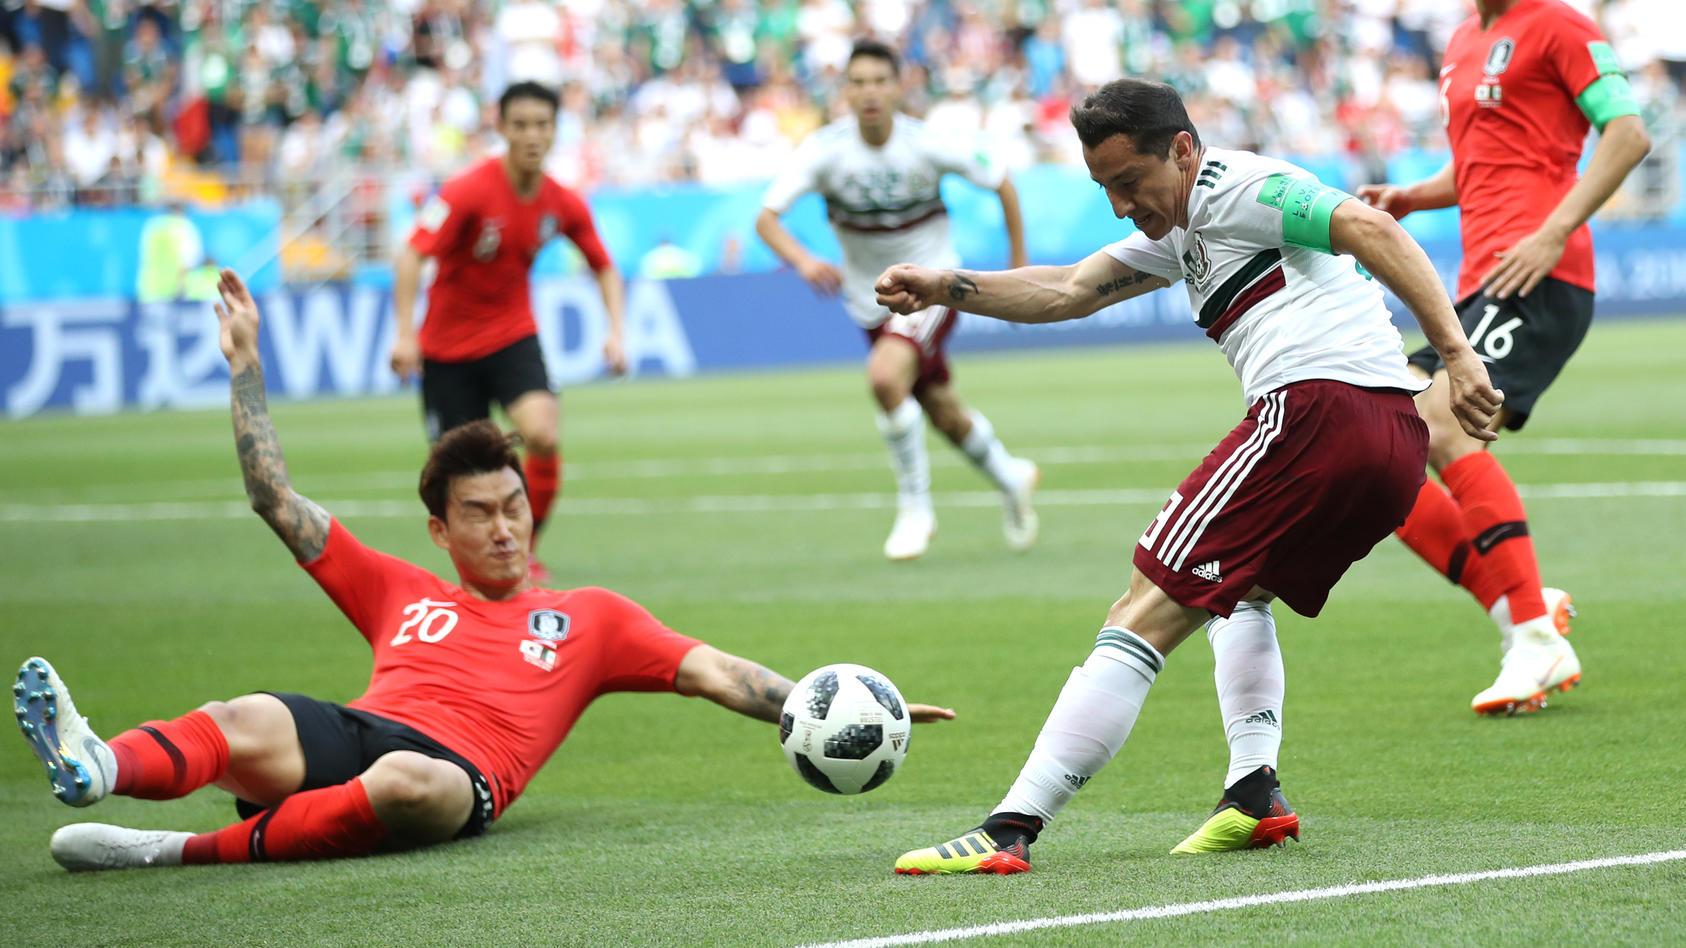 Der Südkoreaner Hyun-Soo Jang bekommt bei der WM 2018 den Ball an die Hand: Elfmeter.